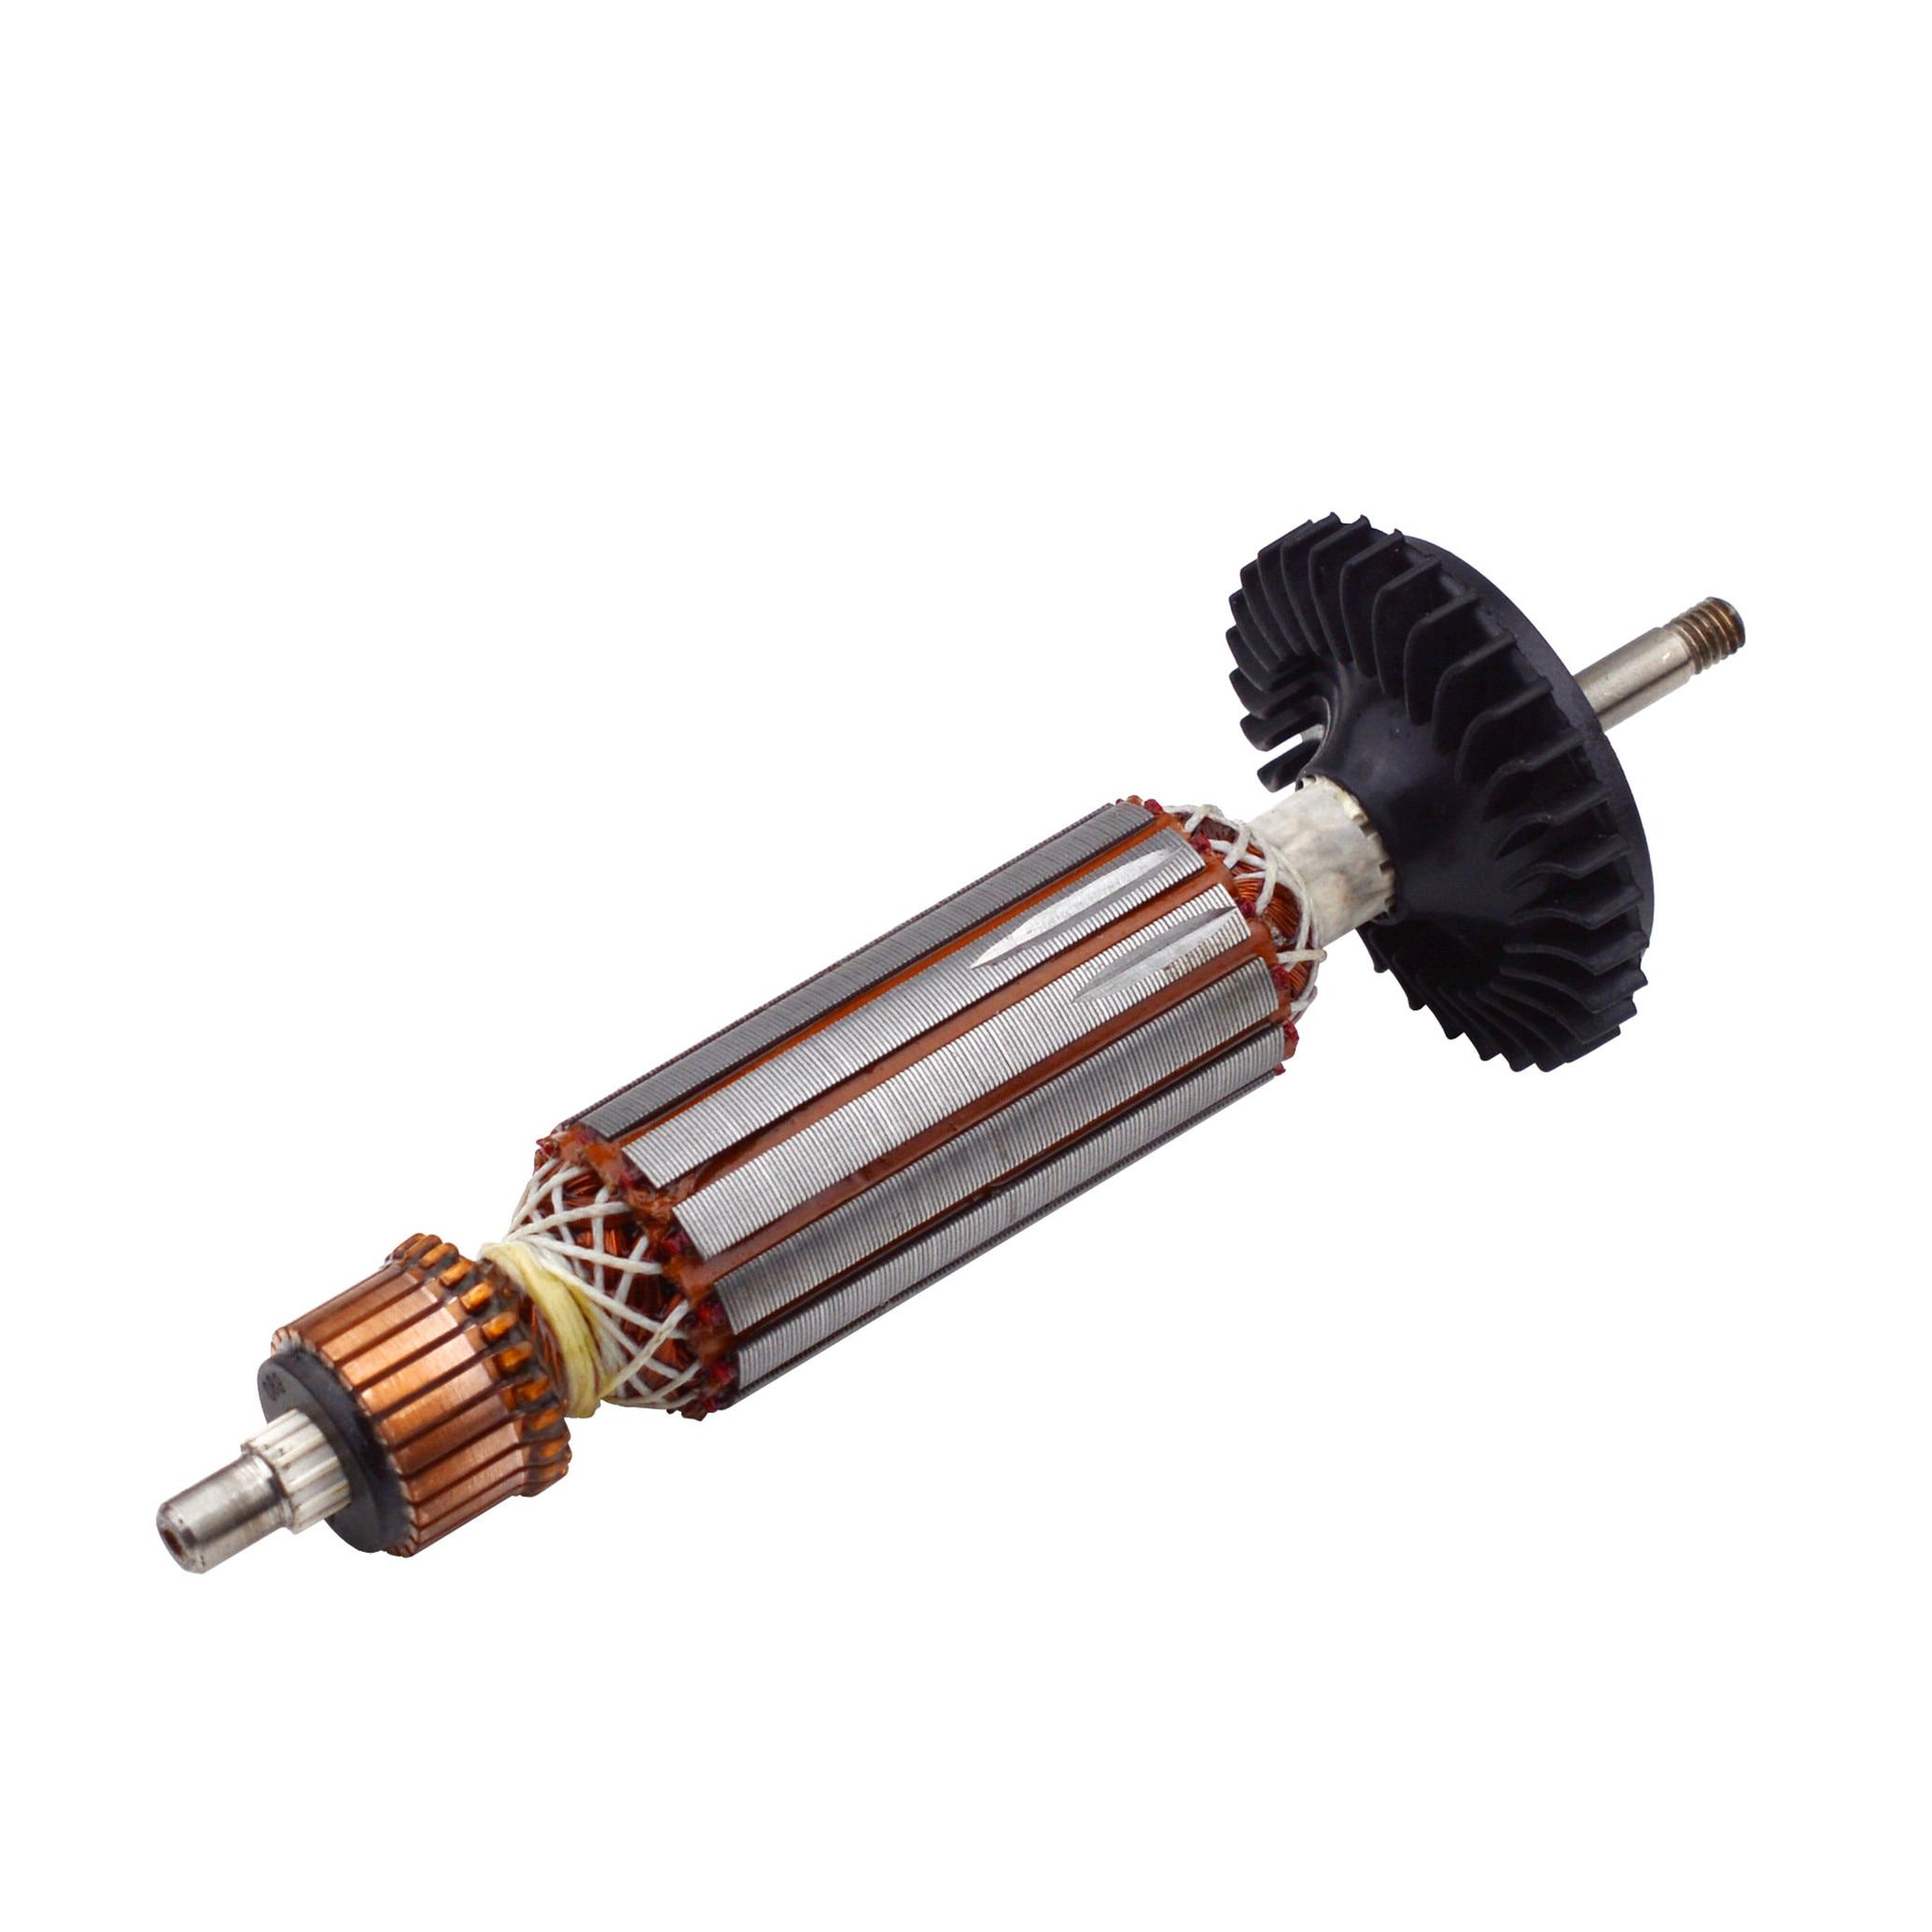 Reemplazo del Rotor de armadura AC 220 V/230 V para BOSCH GWS7 GWS 7-100 GWS 7-125 piezas de repuesto de amoladora angular